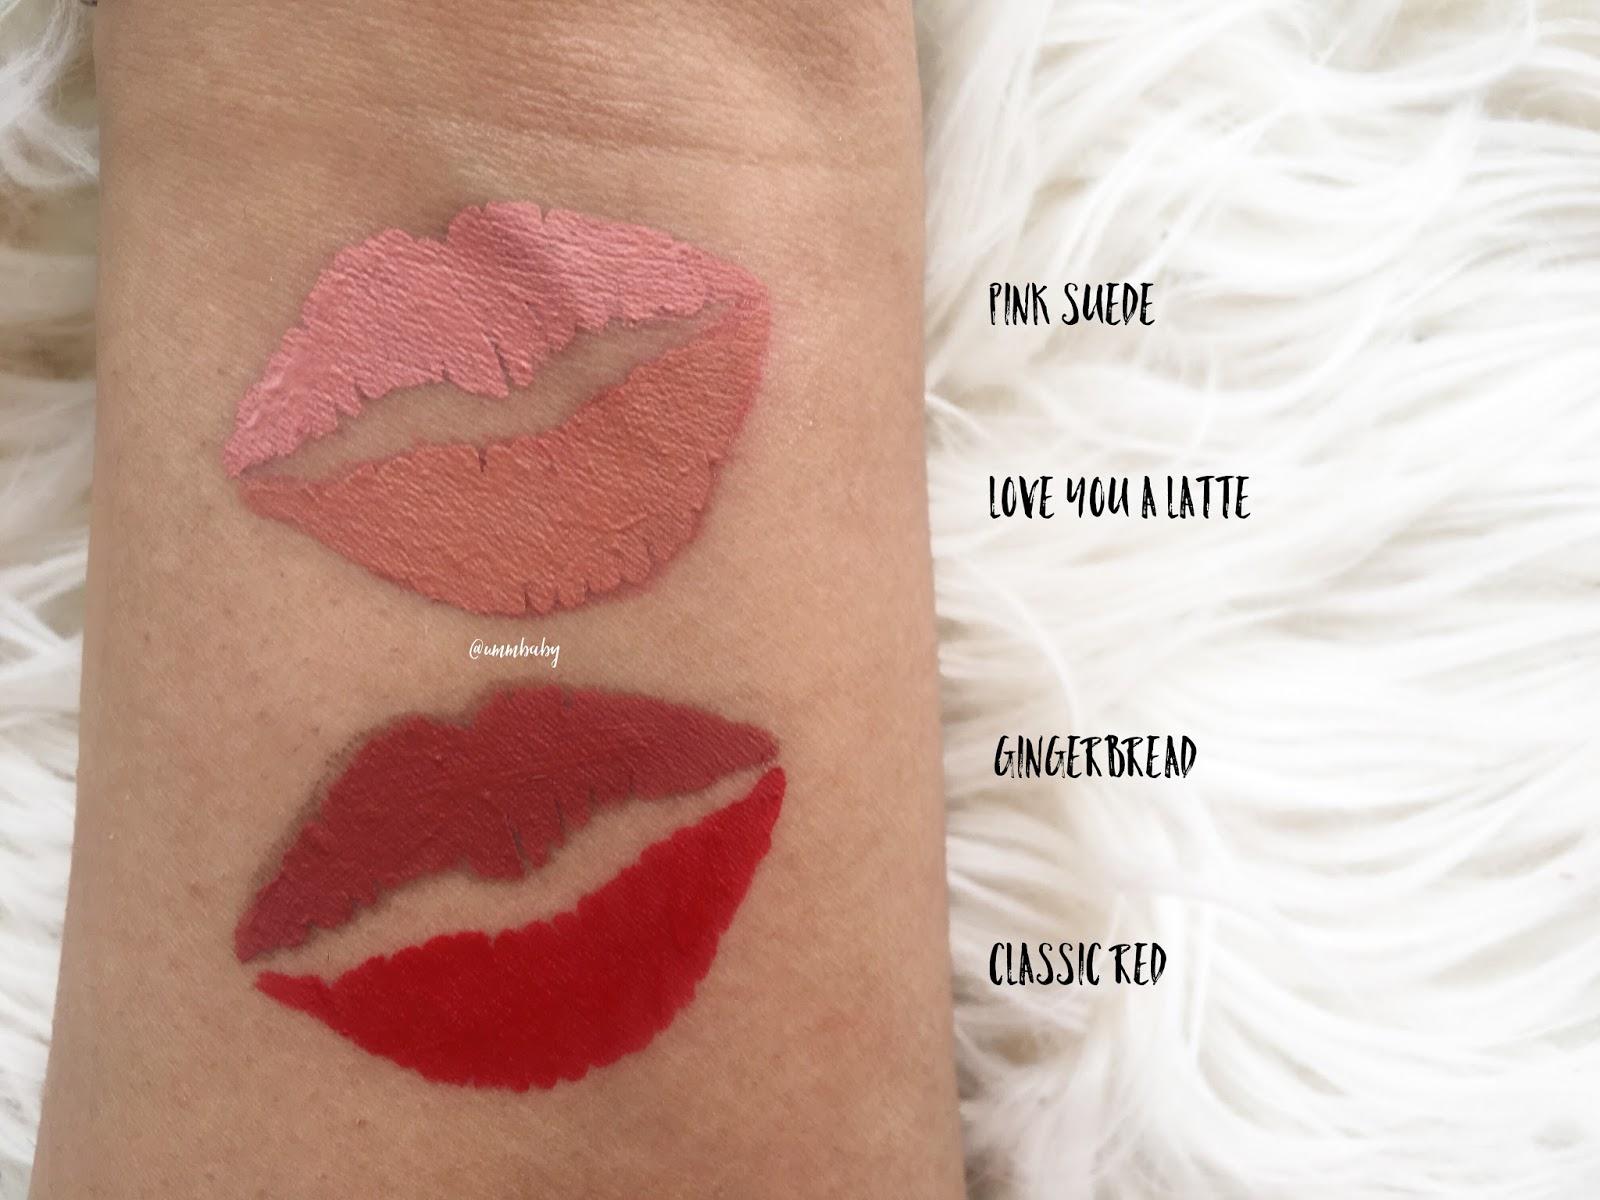 phase zero makeup liquid lipstick swatches, love me beauty phase zero makeup liquid lipsticks